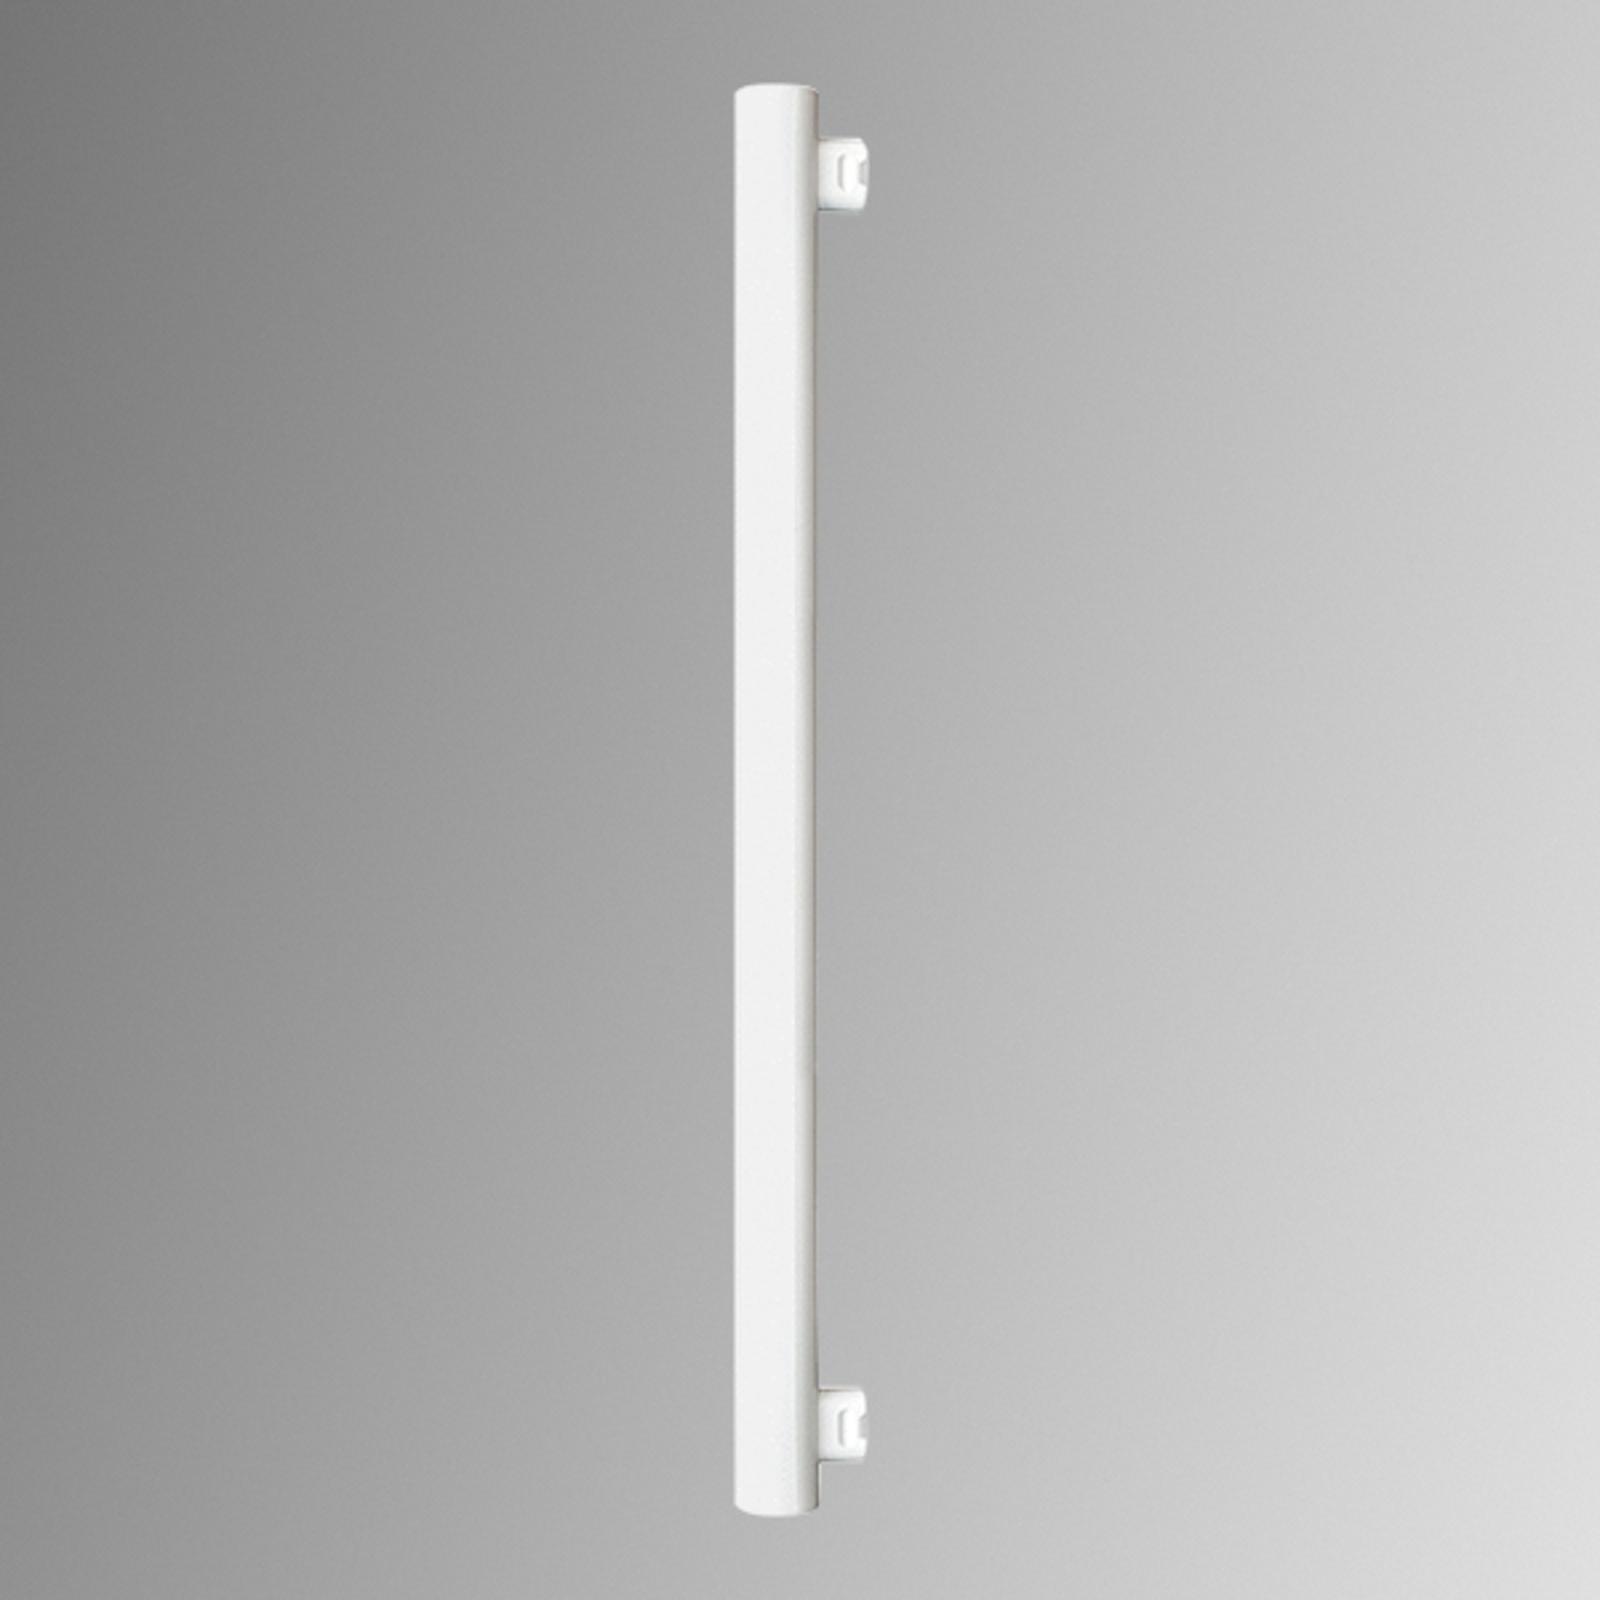 LED-Linienlampe S14s 8W, warmweiß, 480 Lumen